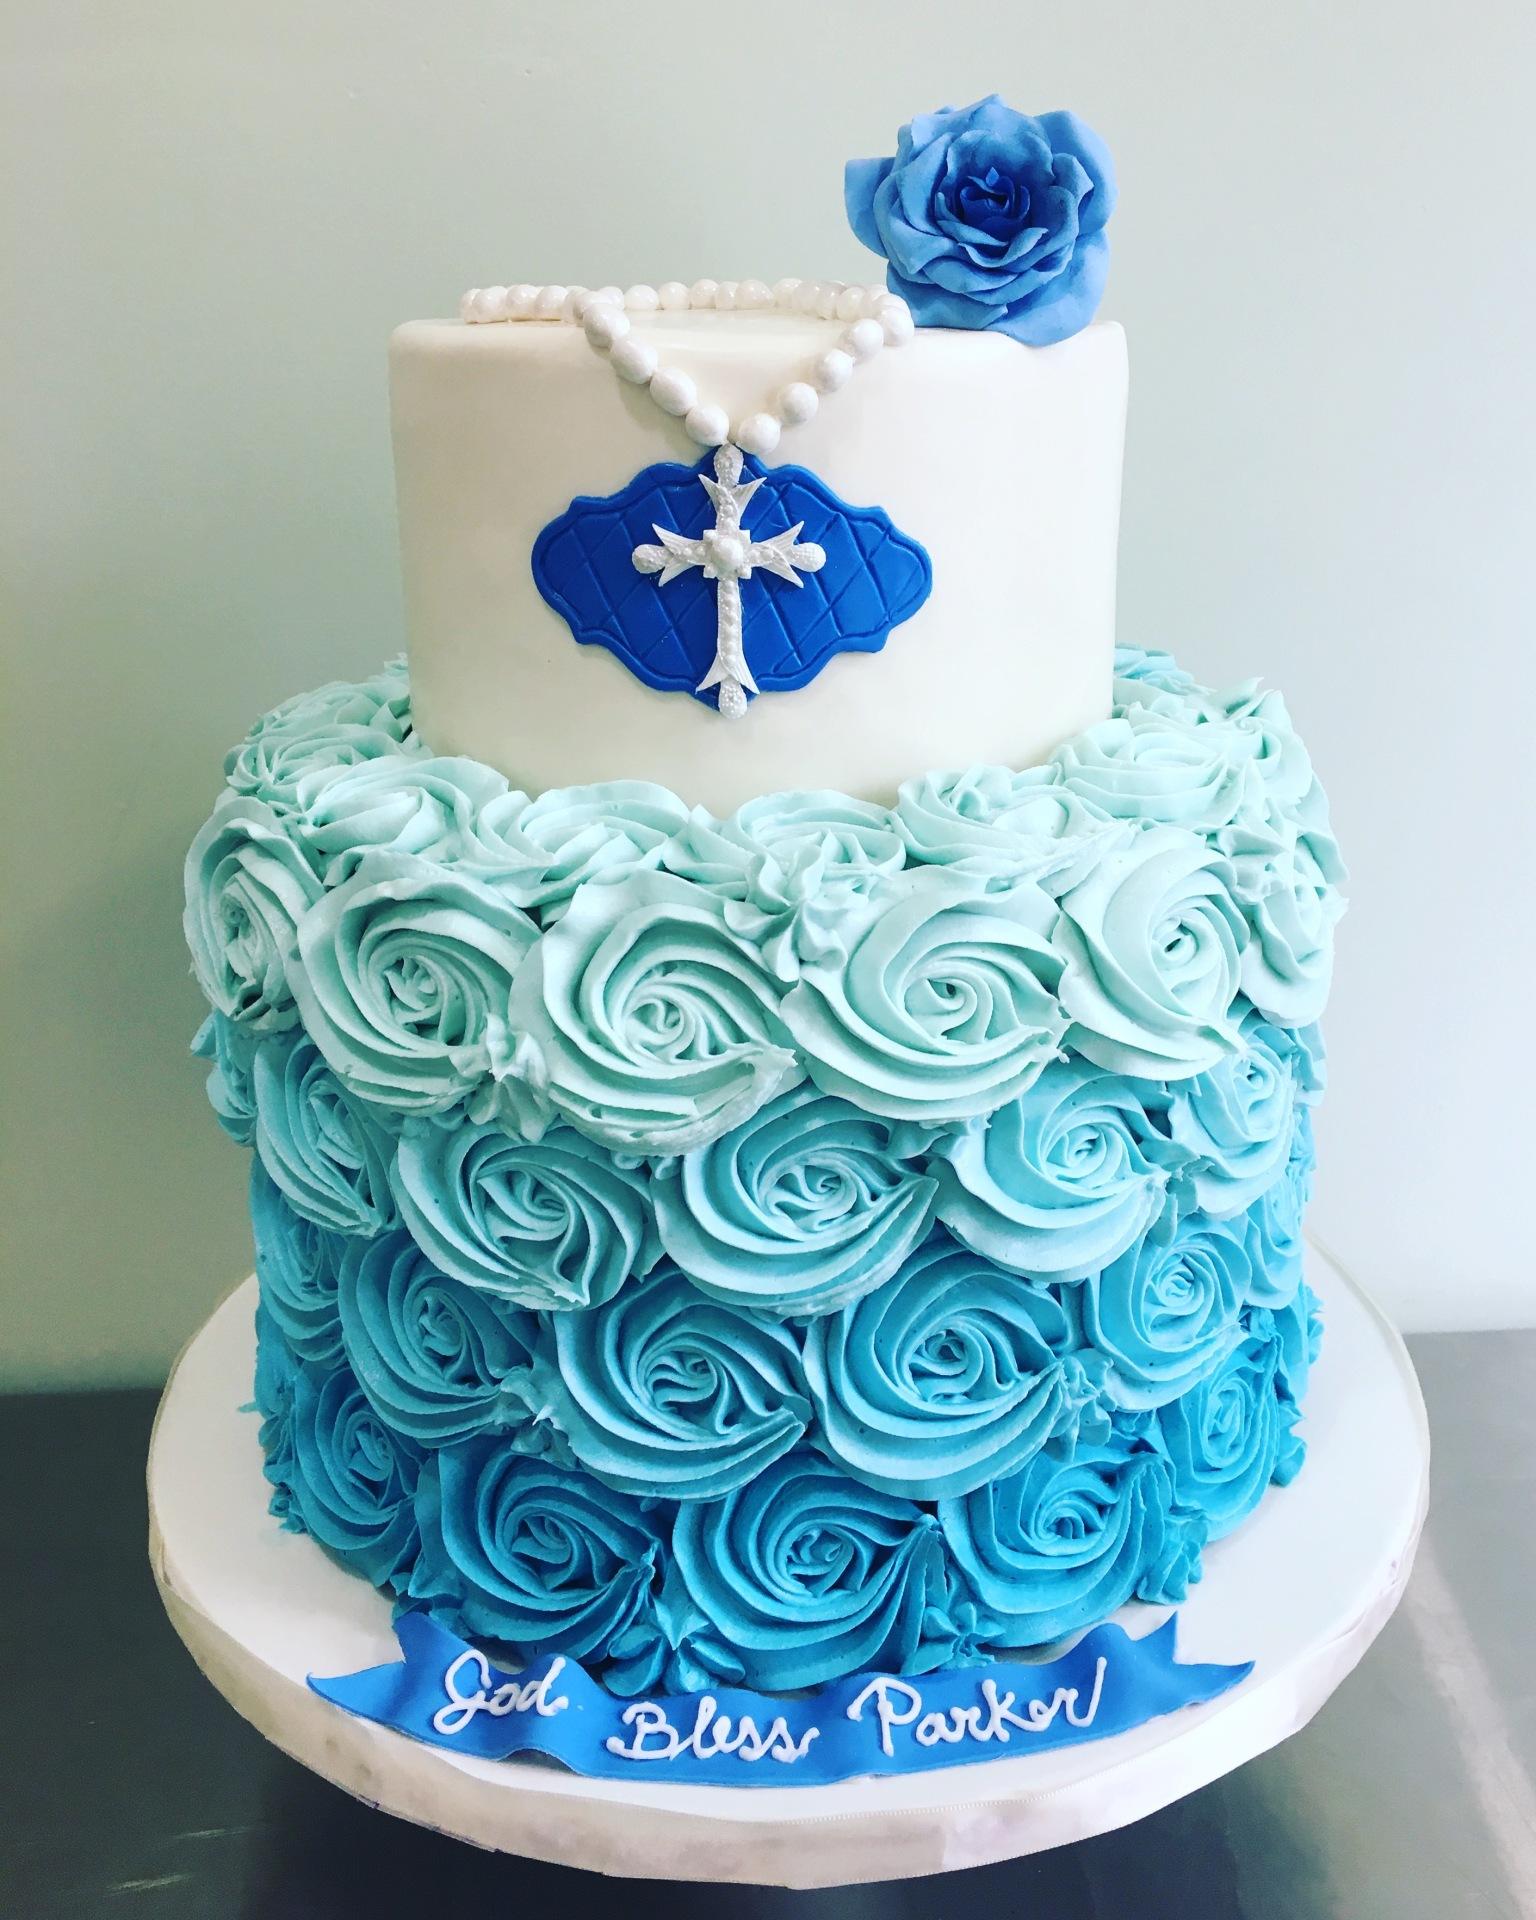 Custom Cakes NJ Blue Buttercream rosette cake with cross